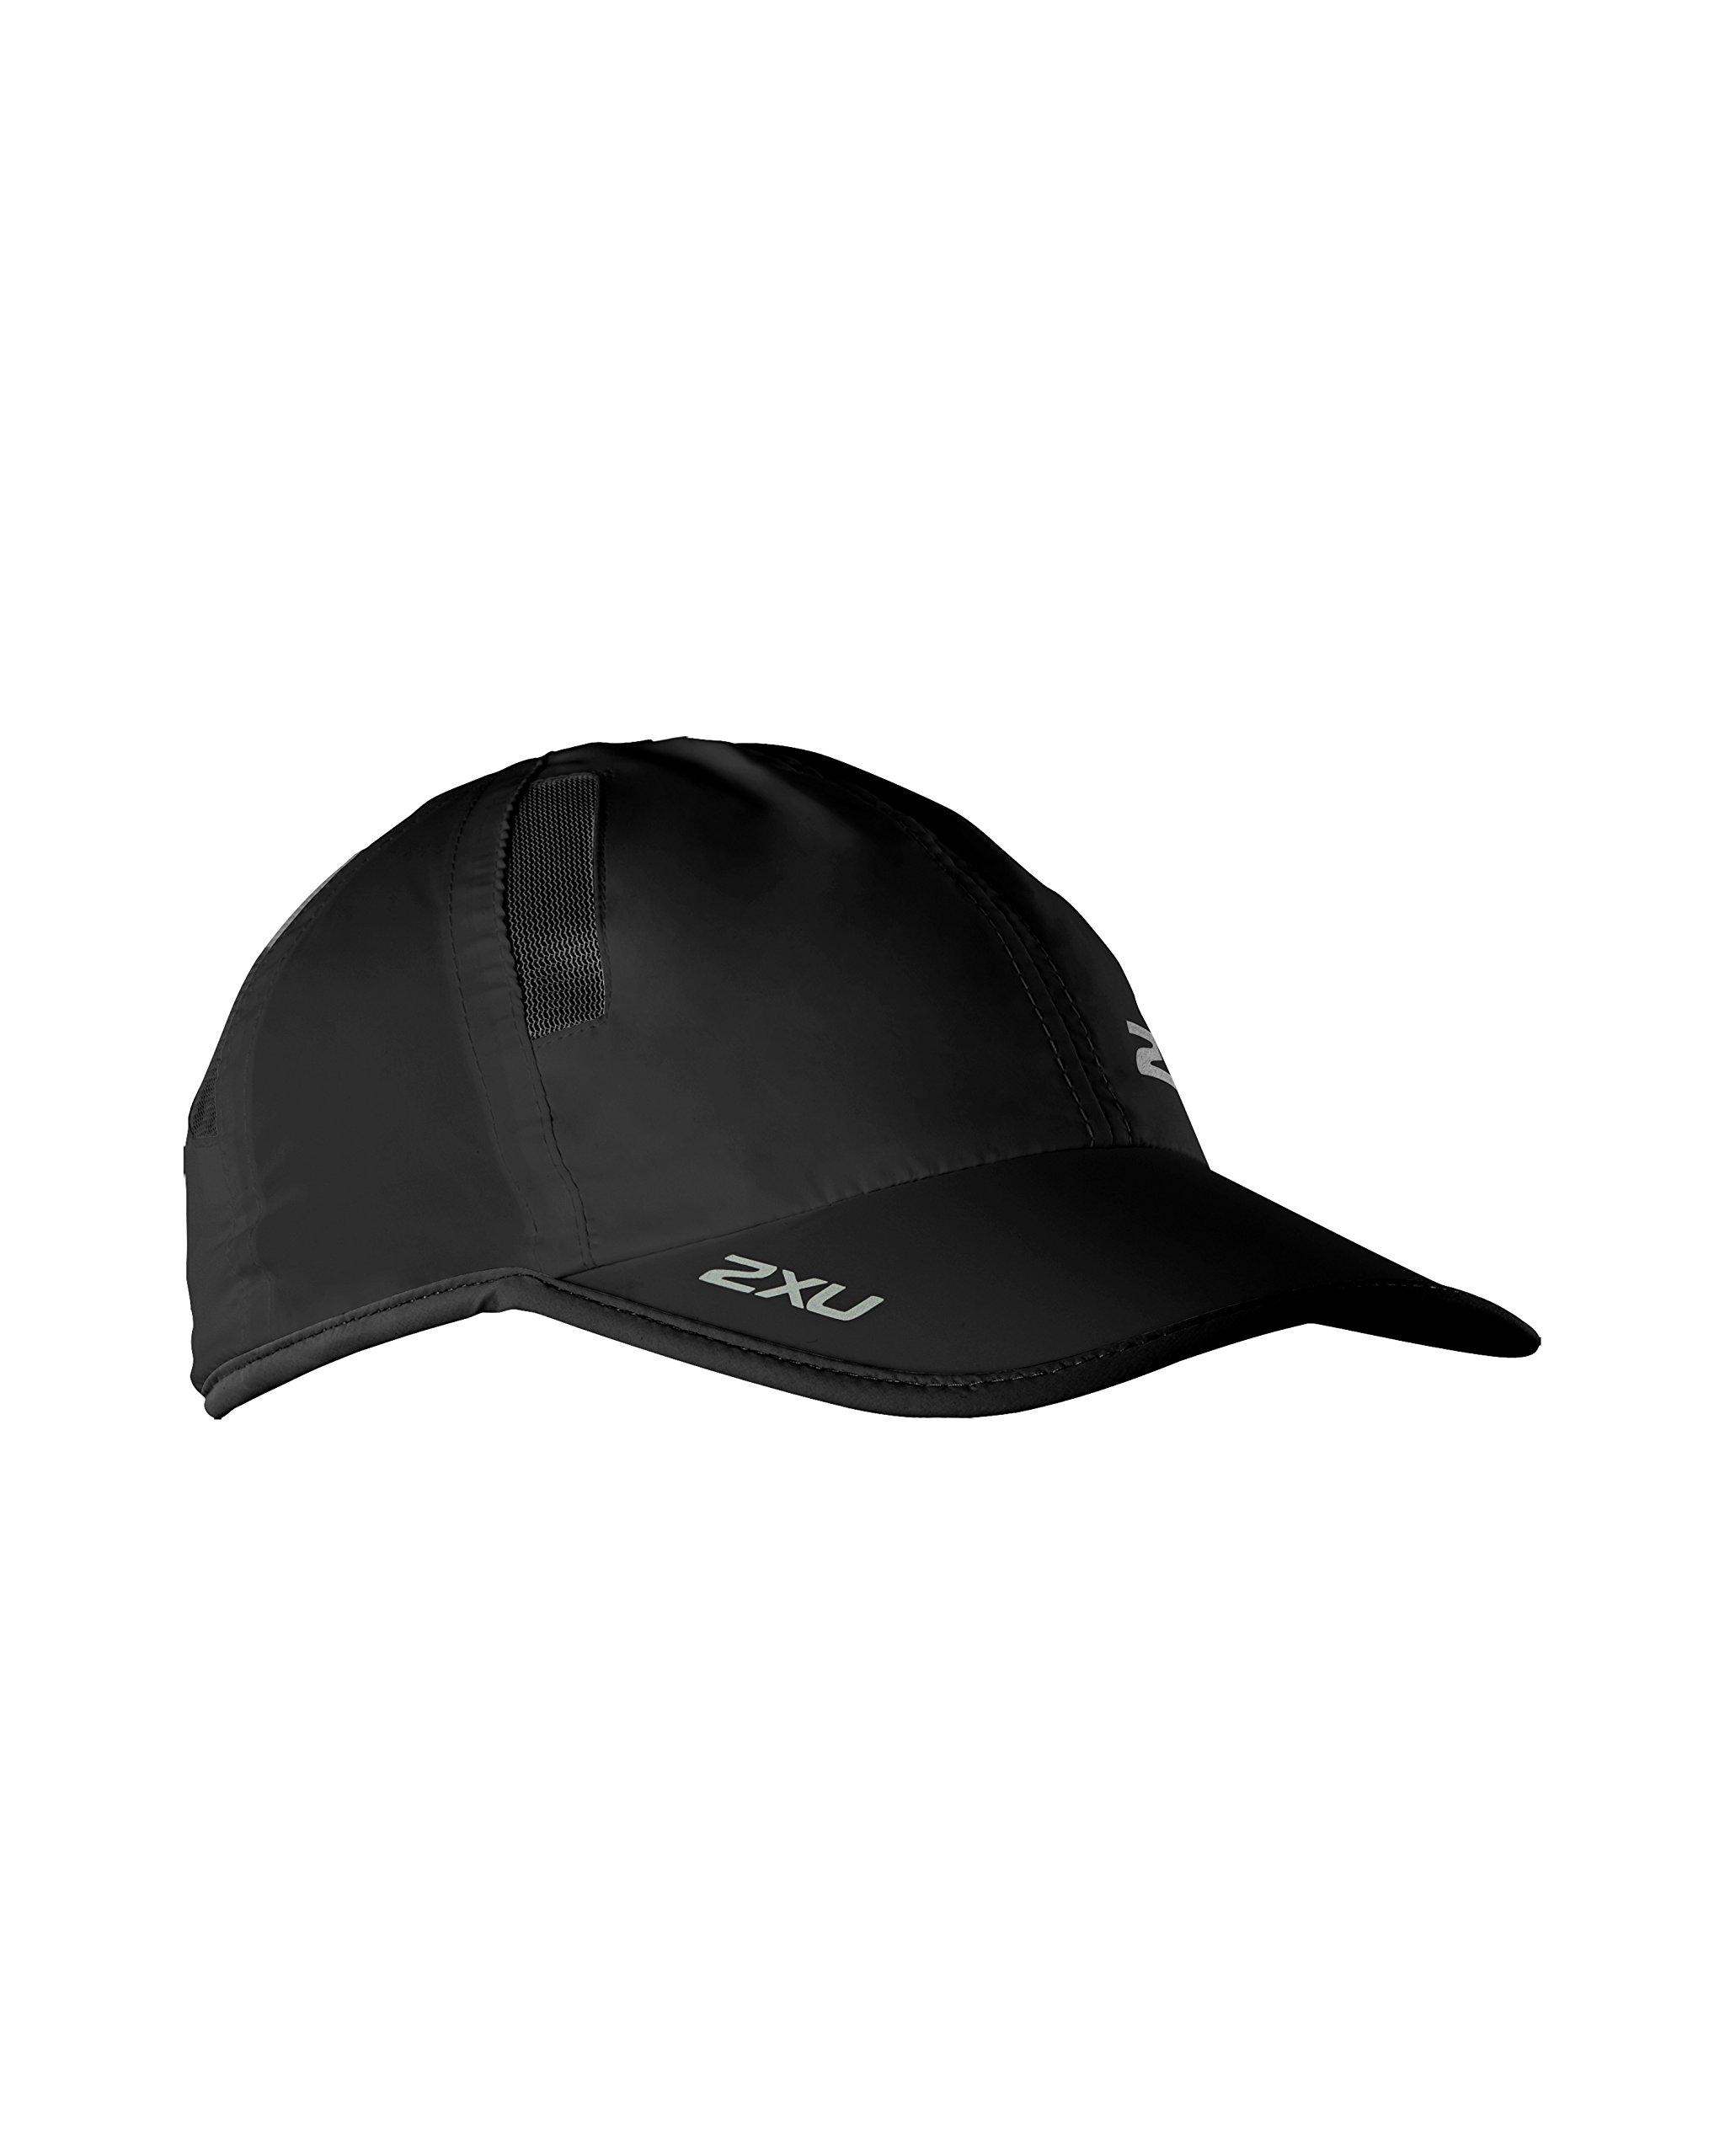 2XU run cap black by 2XU (Image #1)